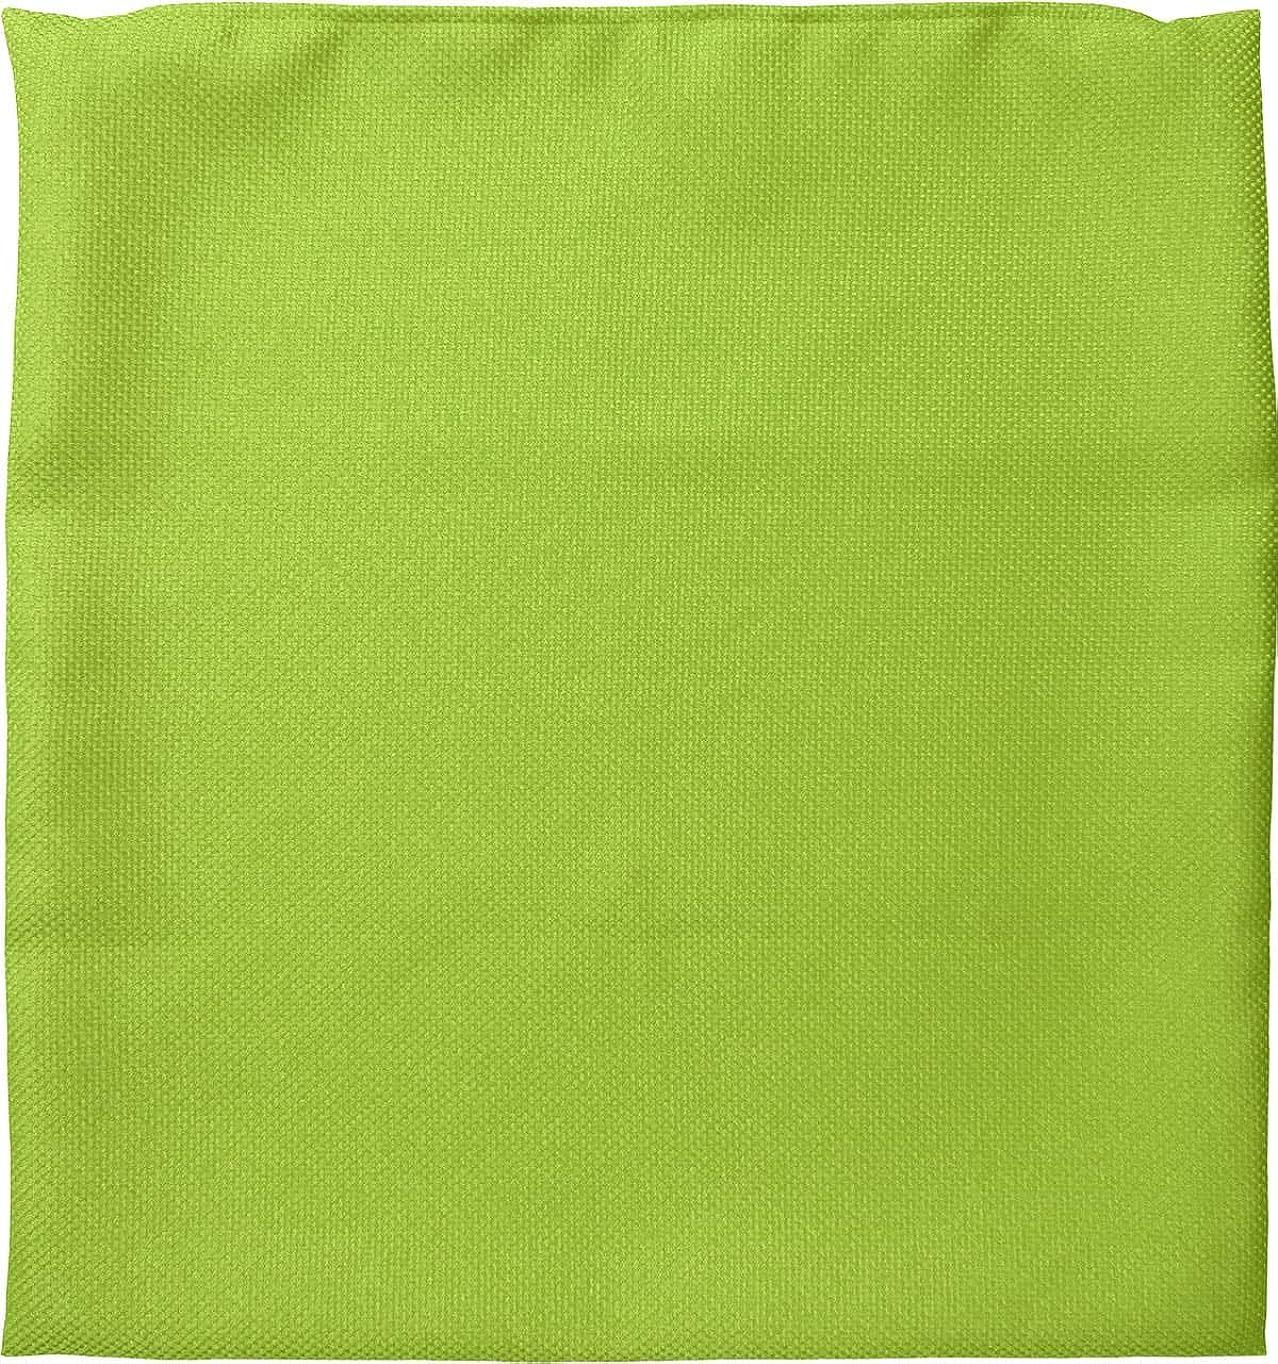 座布団カバー 約55×59cm 銘仙判 ファイン グリーン 日本製